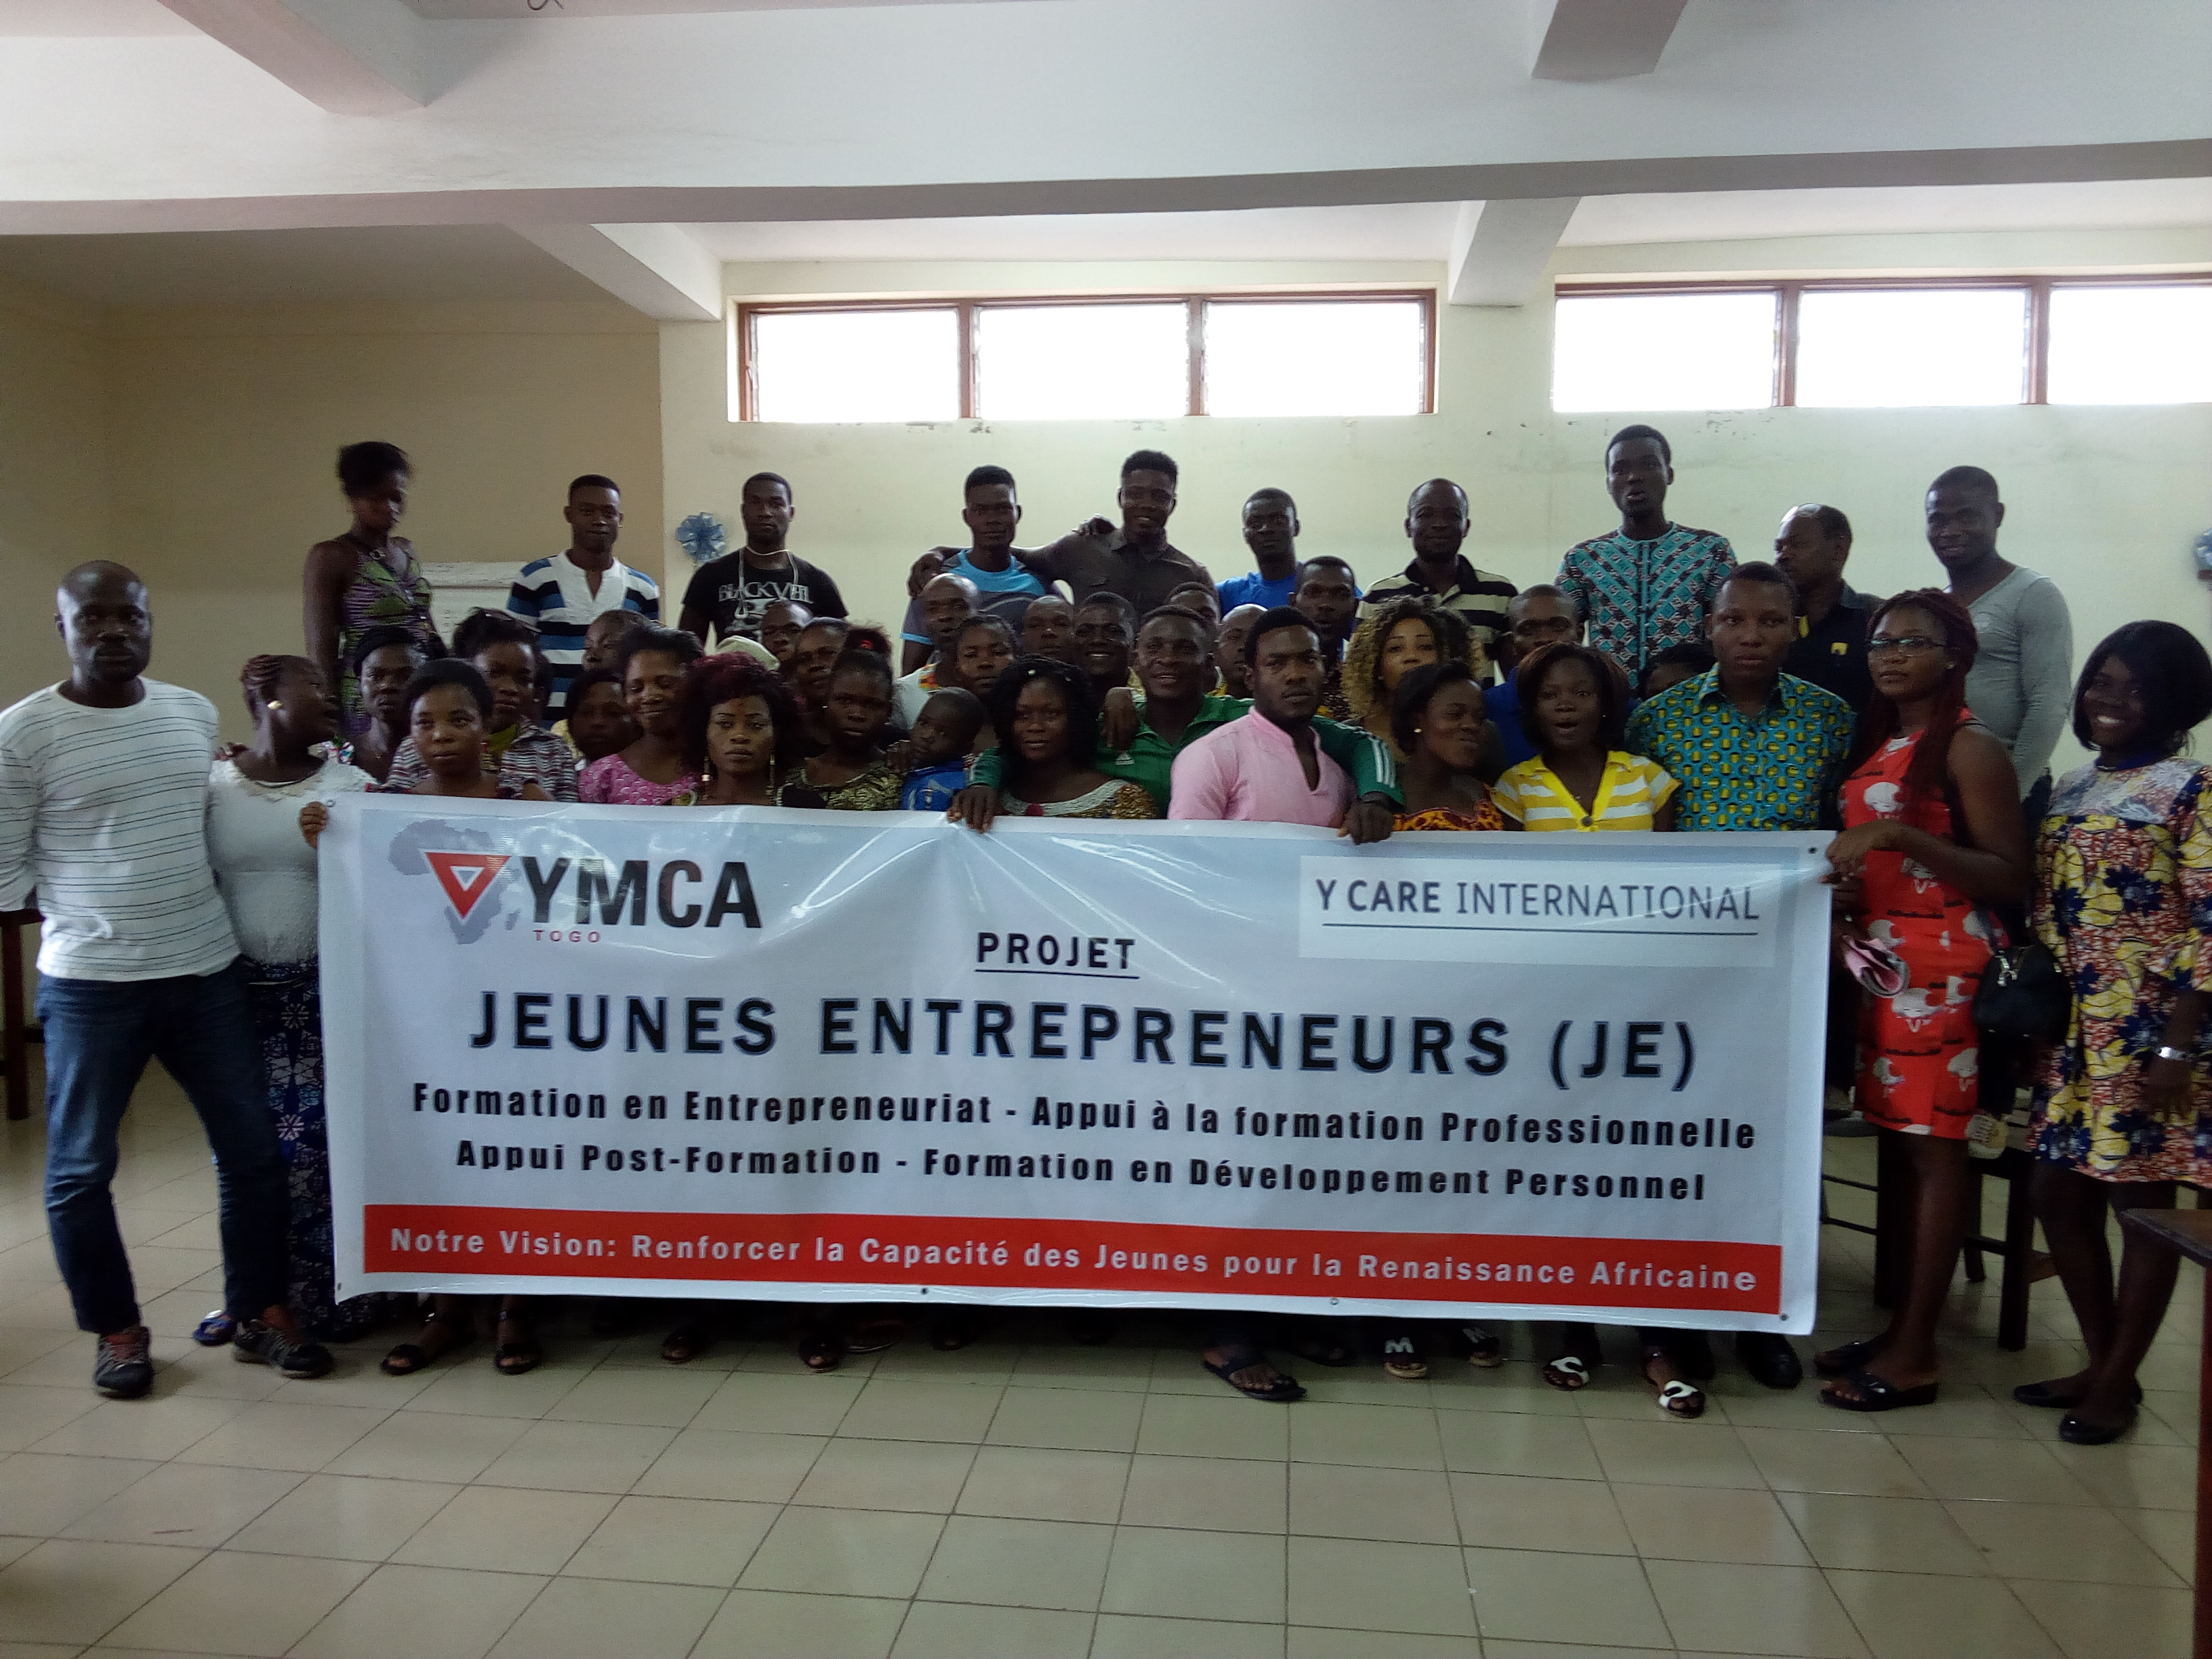 L'UCJG/YMCA-Togo crée l'opportunité d'emplois à une cinquantaine de jeunes dans les bidonvilles